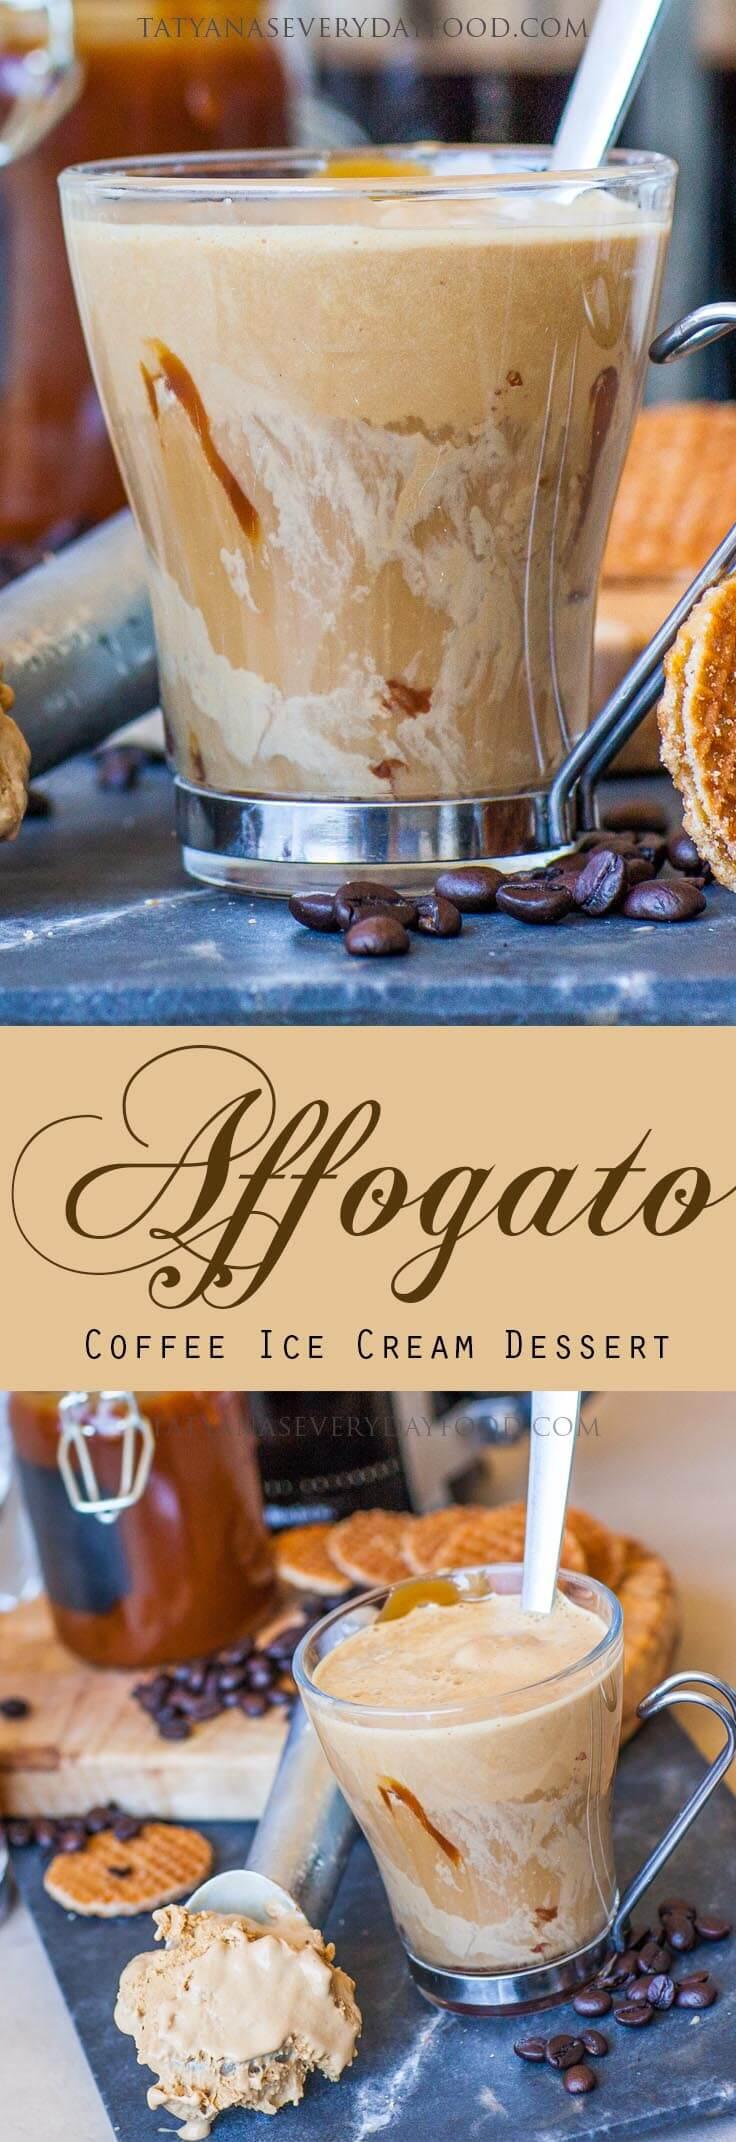 Affogato recipe - Italian Ice Cream Dessert